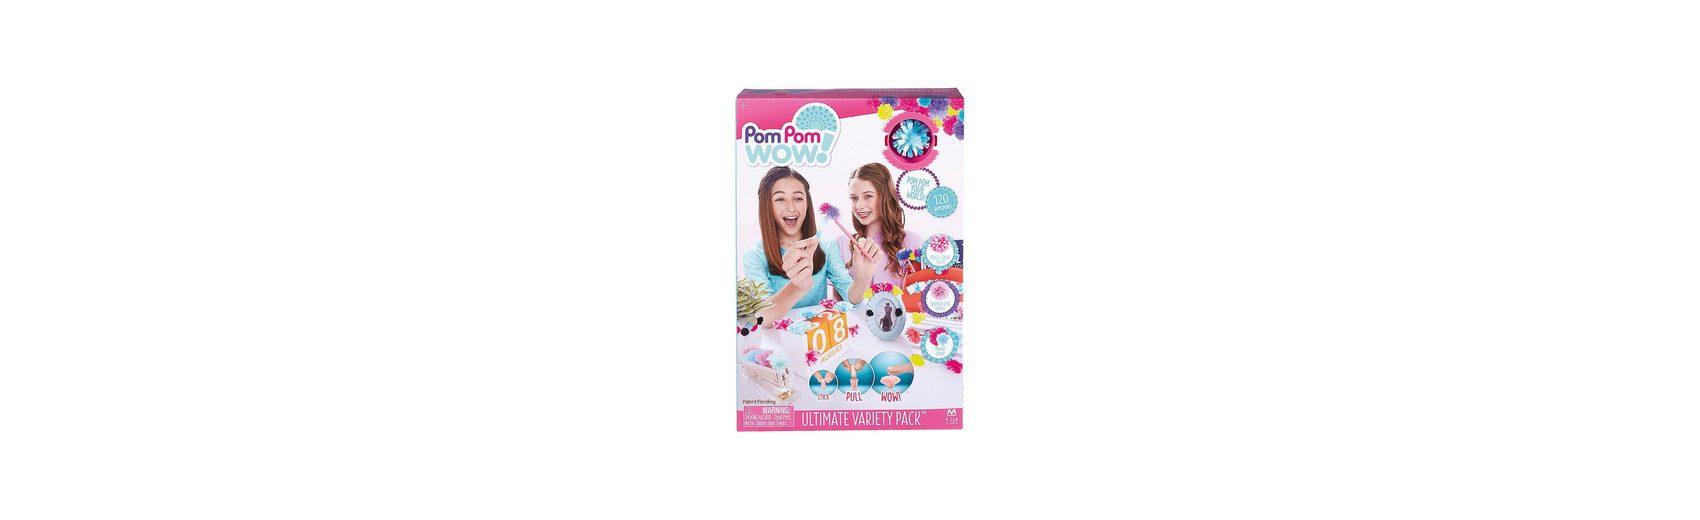 BOTI Pom Pom Wow - Ultimate Variety Pack